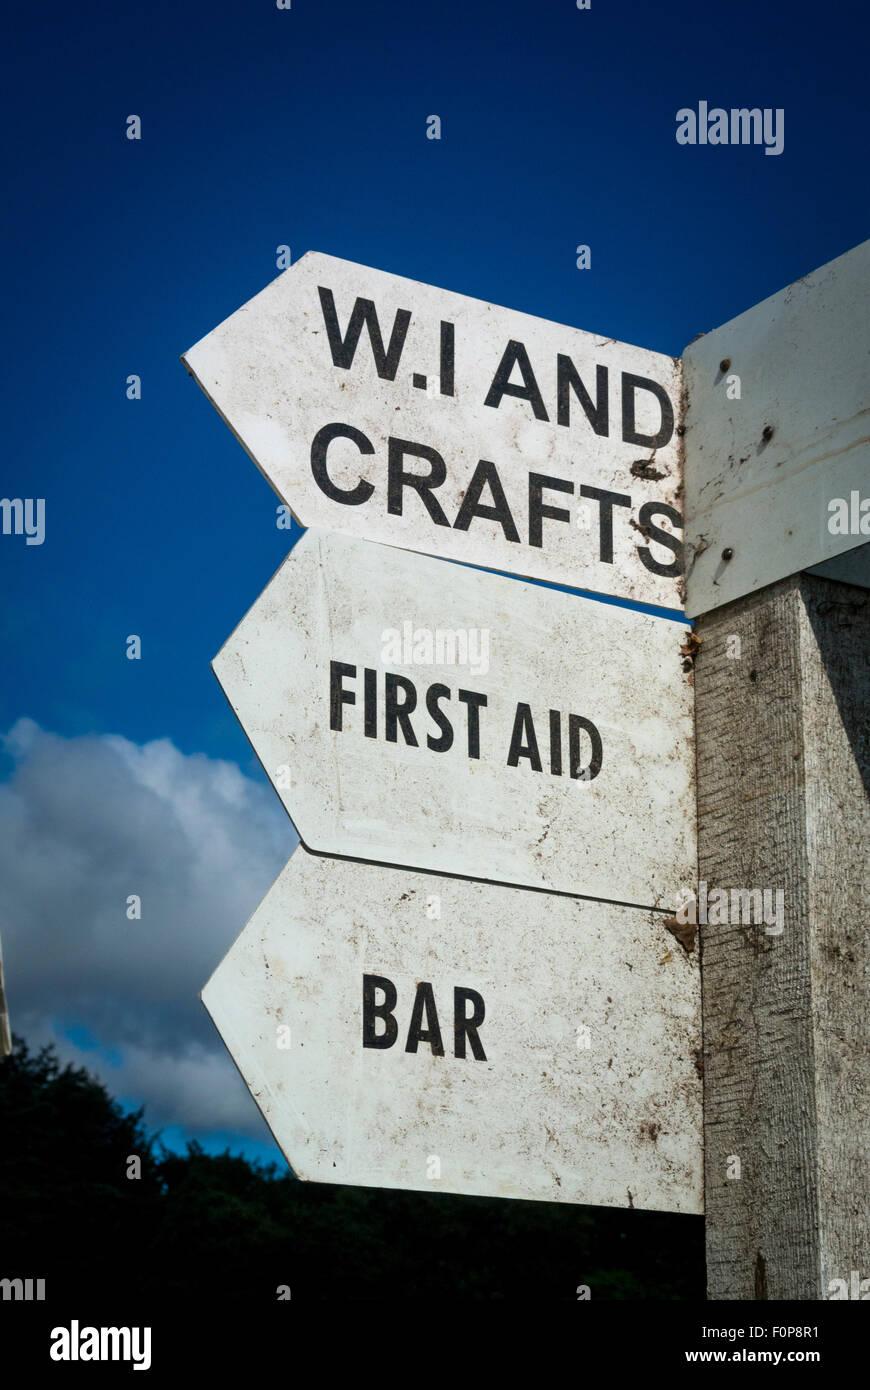 Cartello a livello locale paese mostrano che danno indicazioni per WI e mestieri, primo soccorso e bar. Immagini Stock